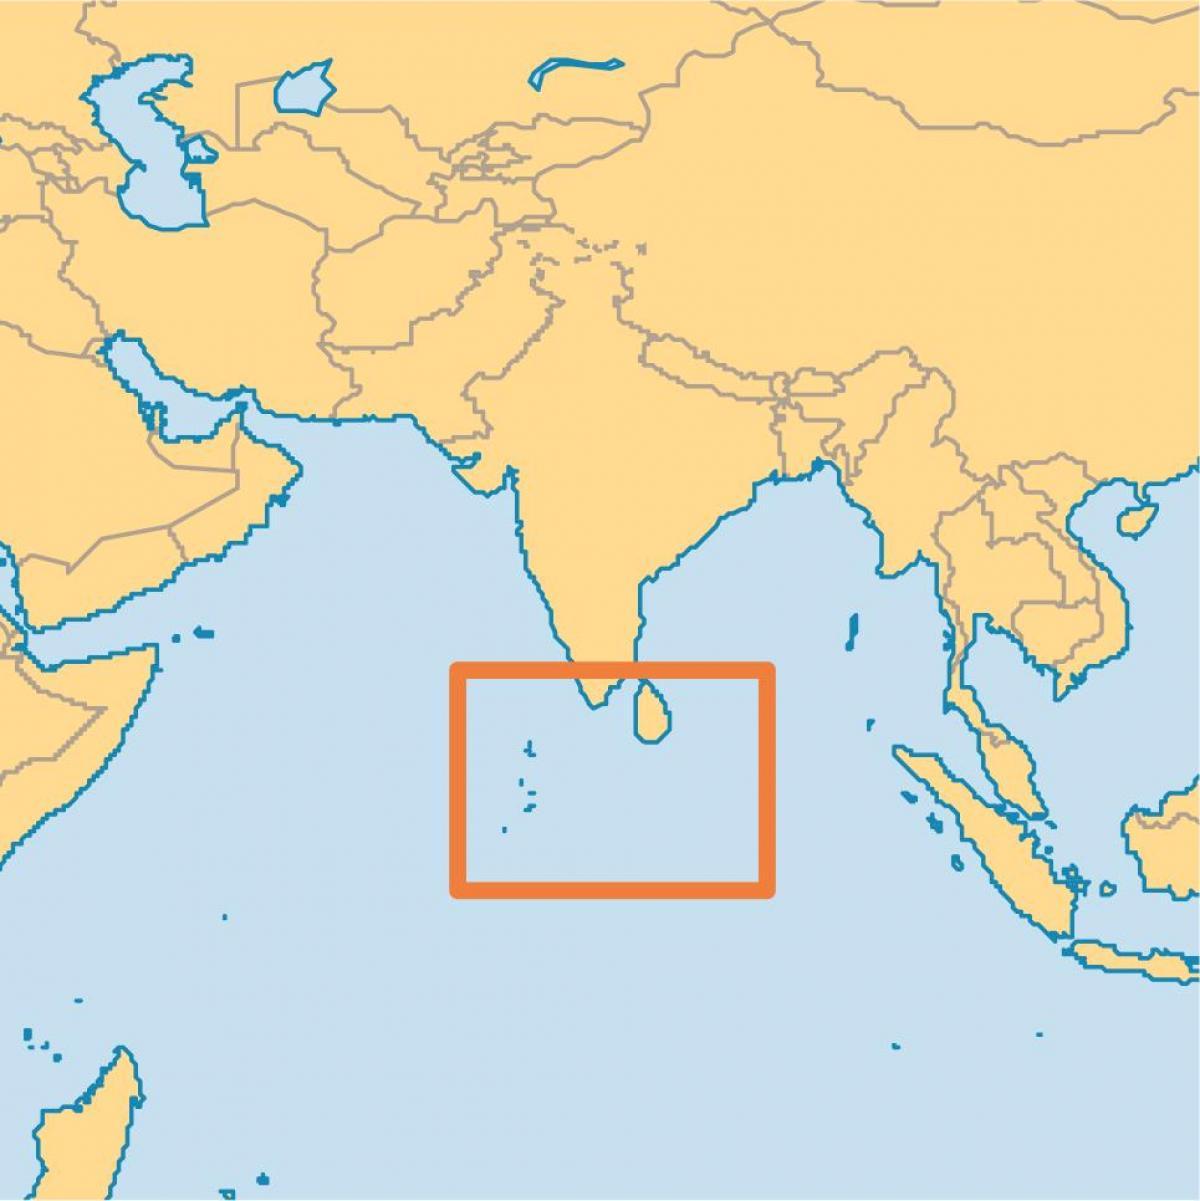 Mapa Ilhas Maldivas Maldives Island Localizacao No Mapa Sul Da